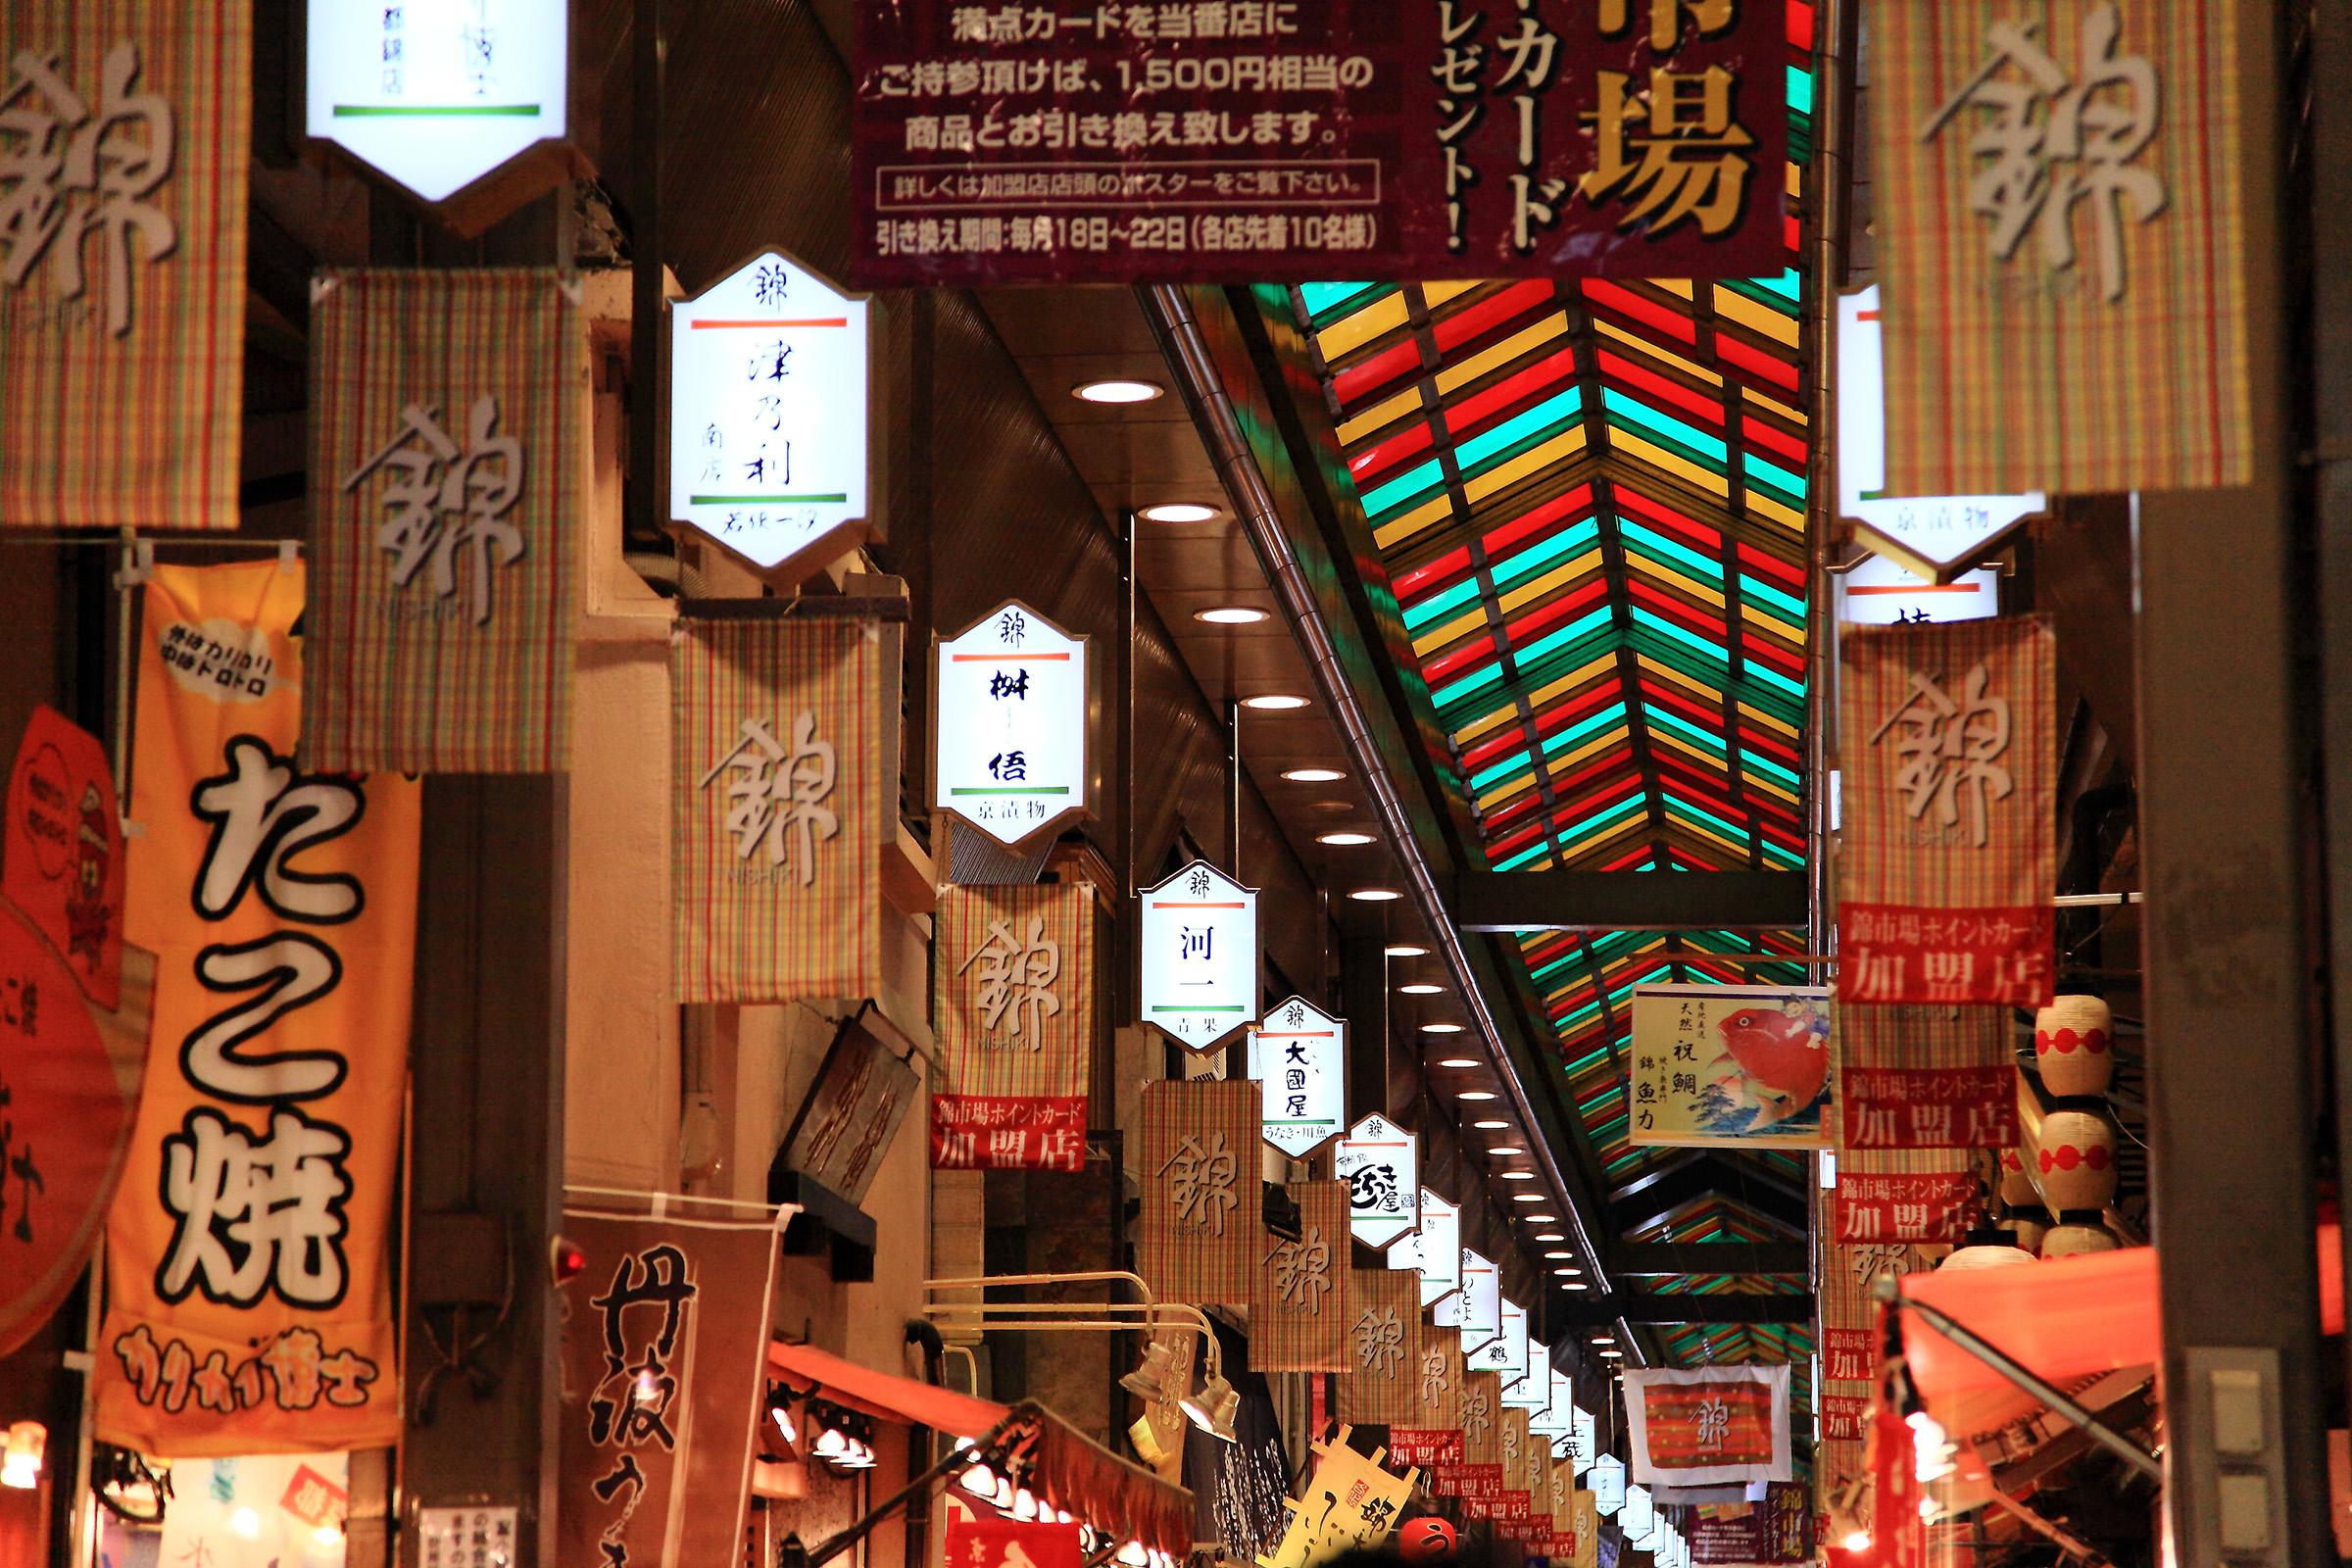 Excursin de mercados y t verde en Kyoto